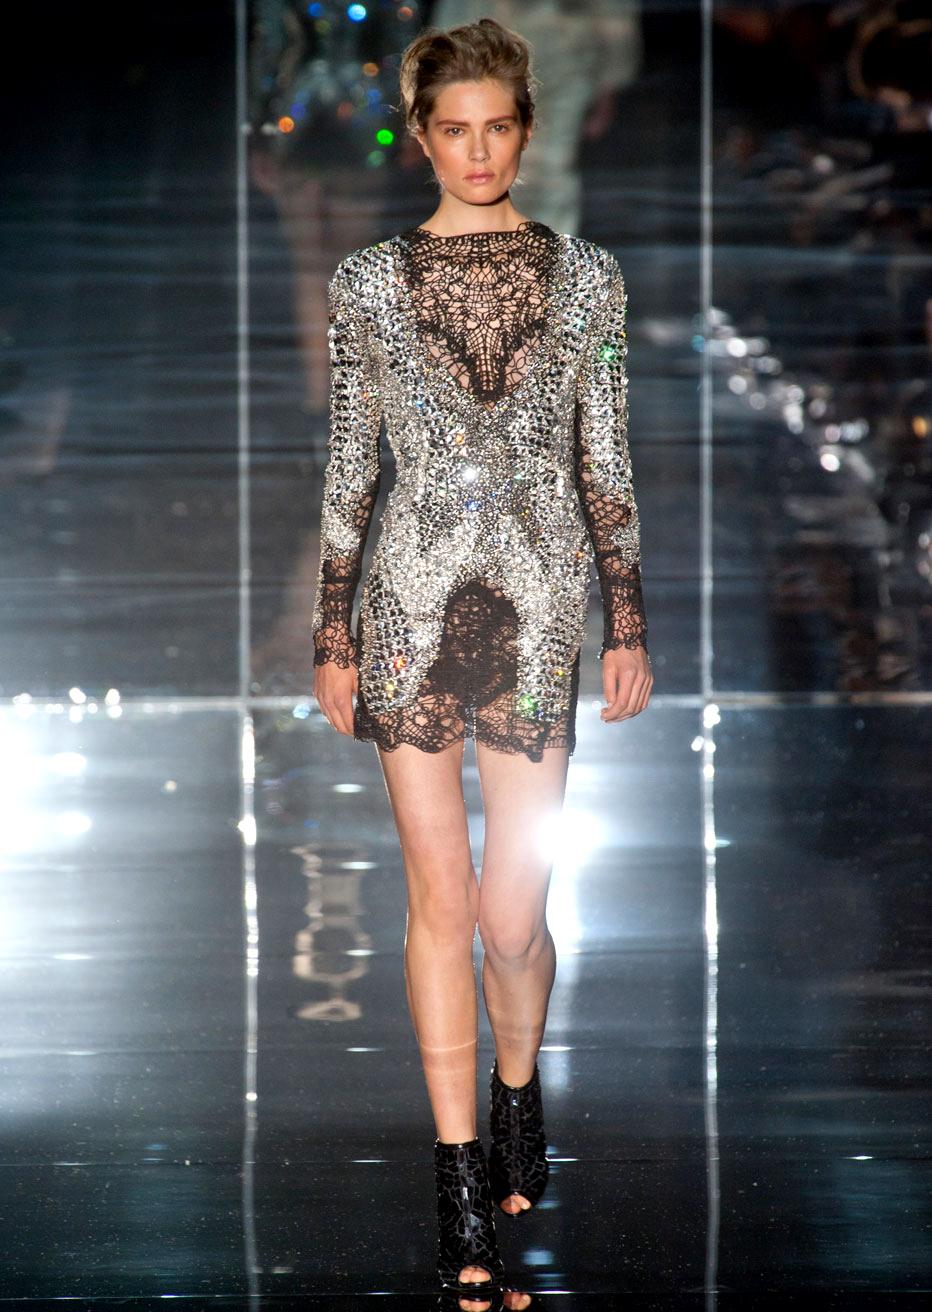 платье tom ford из алюминия и кристаллов swarovski за 2 900 000 руб